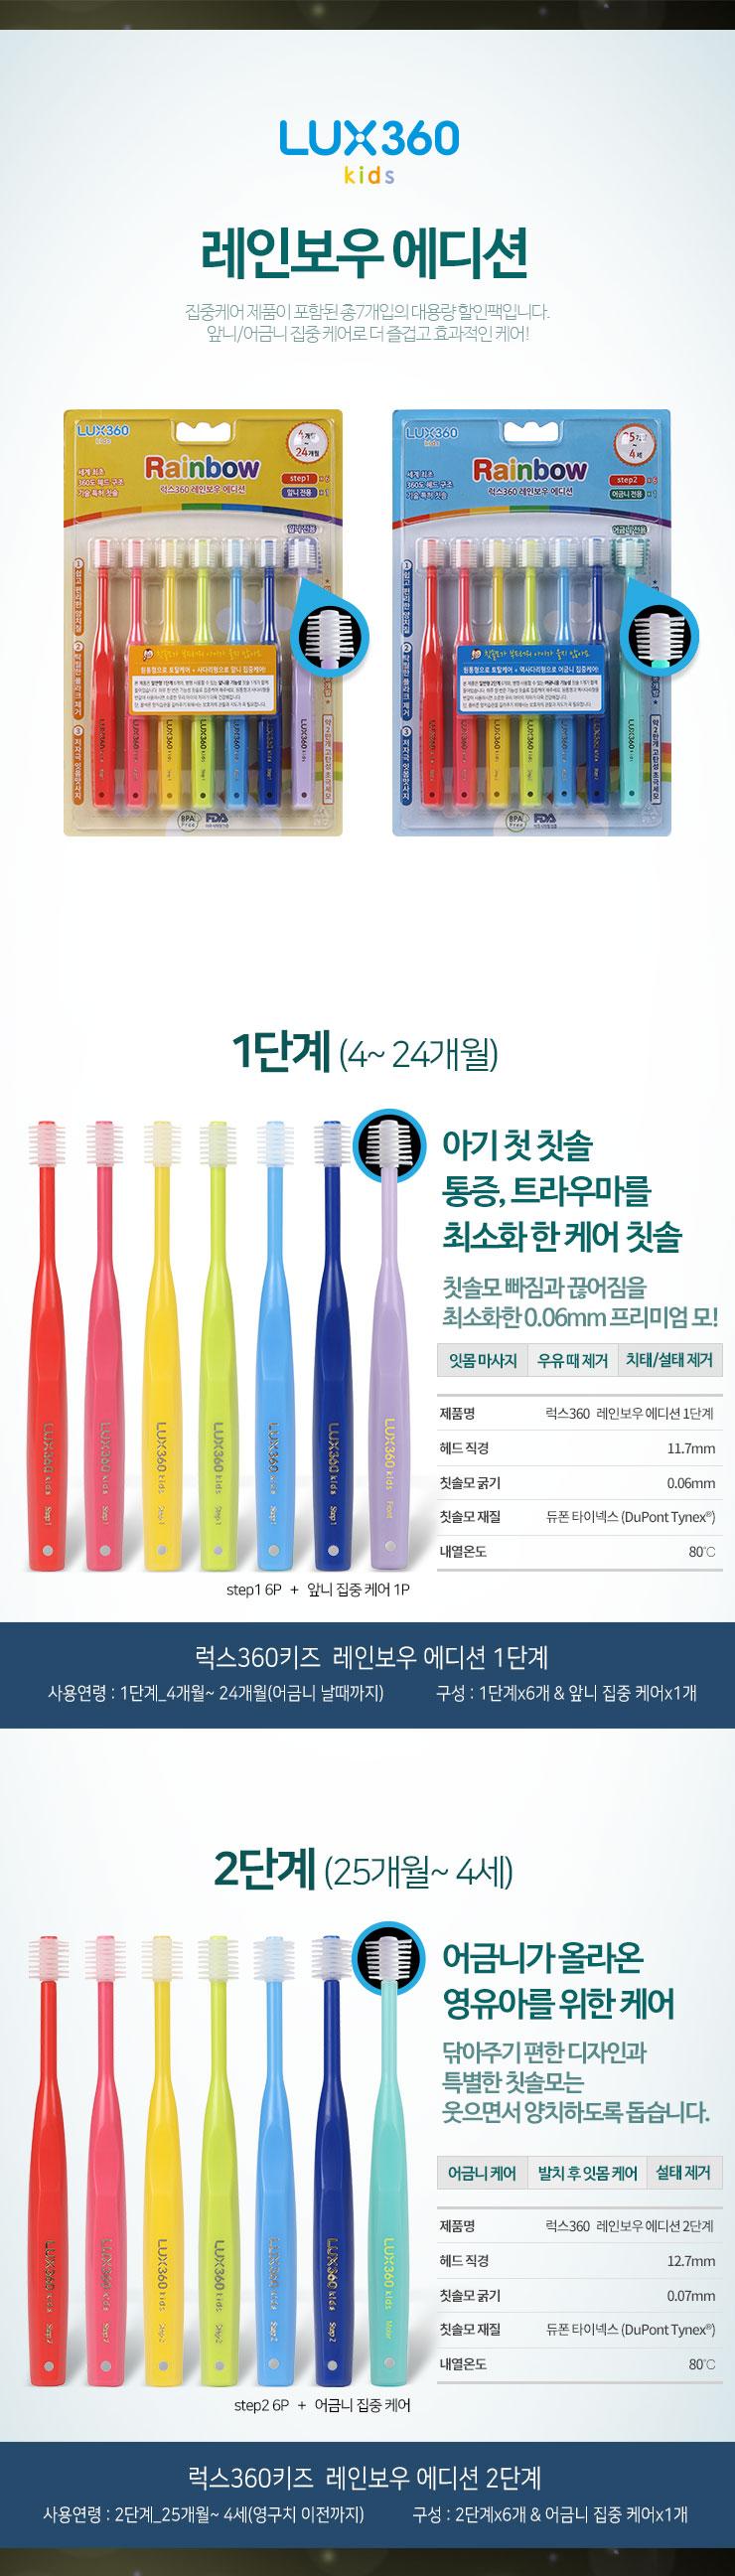 럭스360키즈 7P, 집중케어, 레인보우7P, 유아칫솔, 어린이칫솔, 360도칫솔